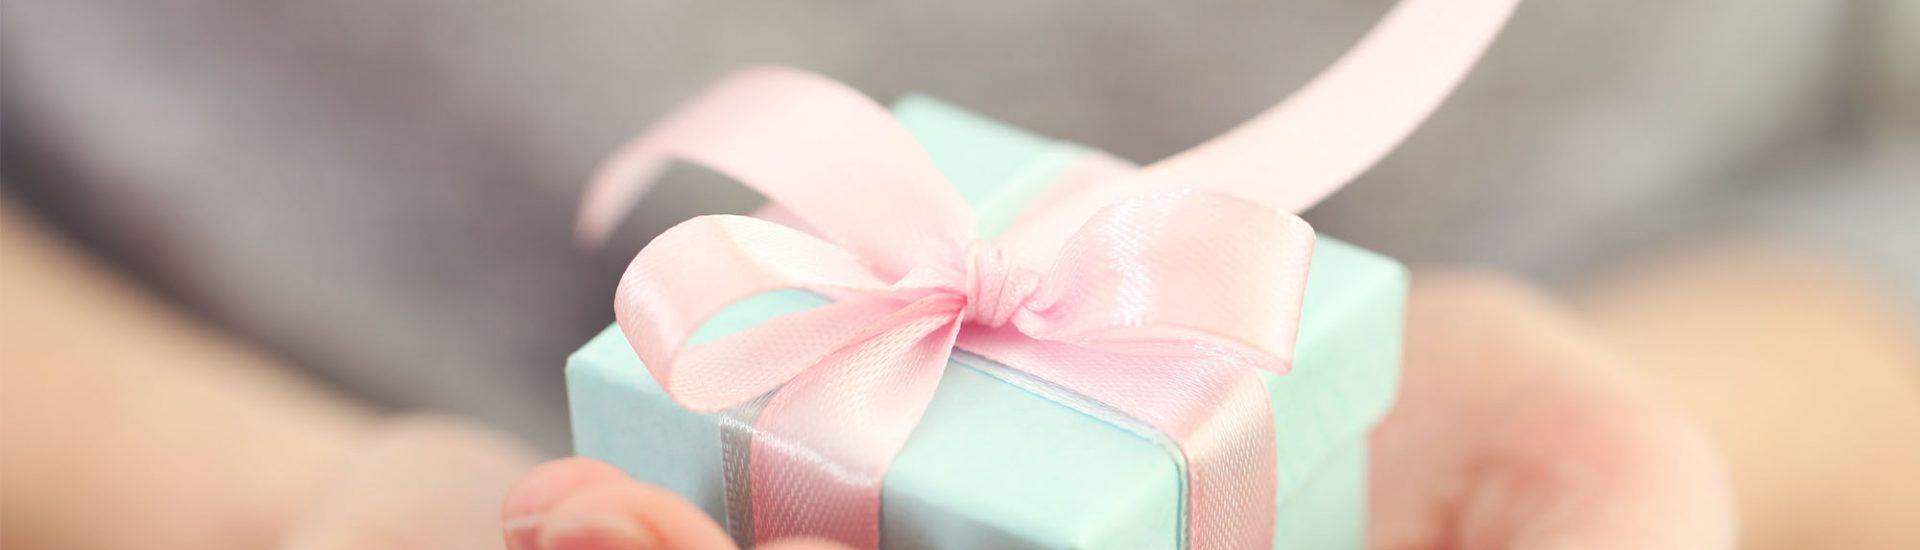 Weihnachtsgeschenke für die Tante - Top 10 Inspirationen